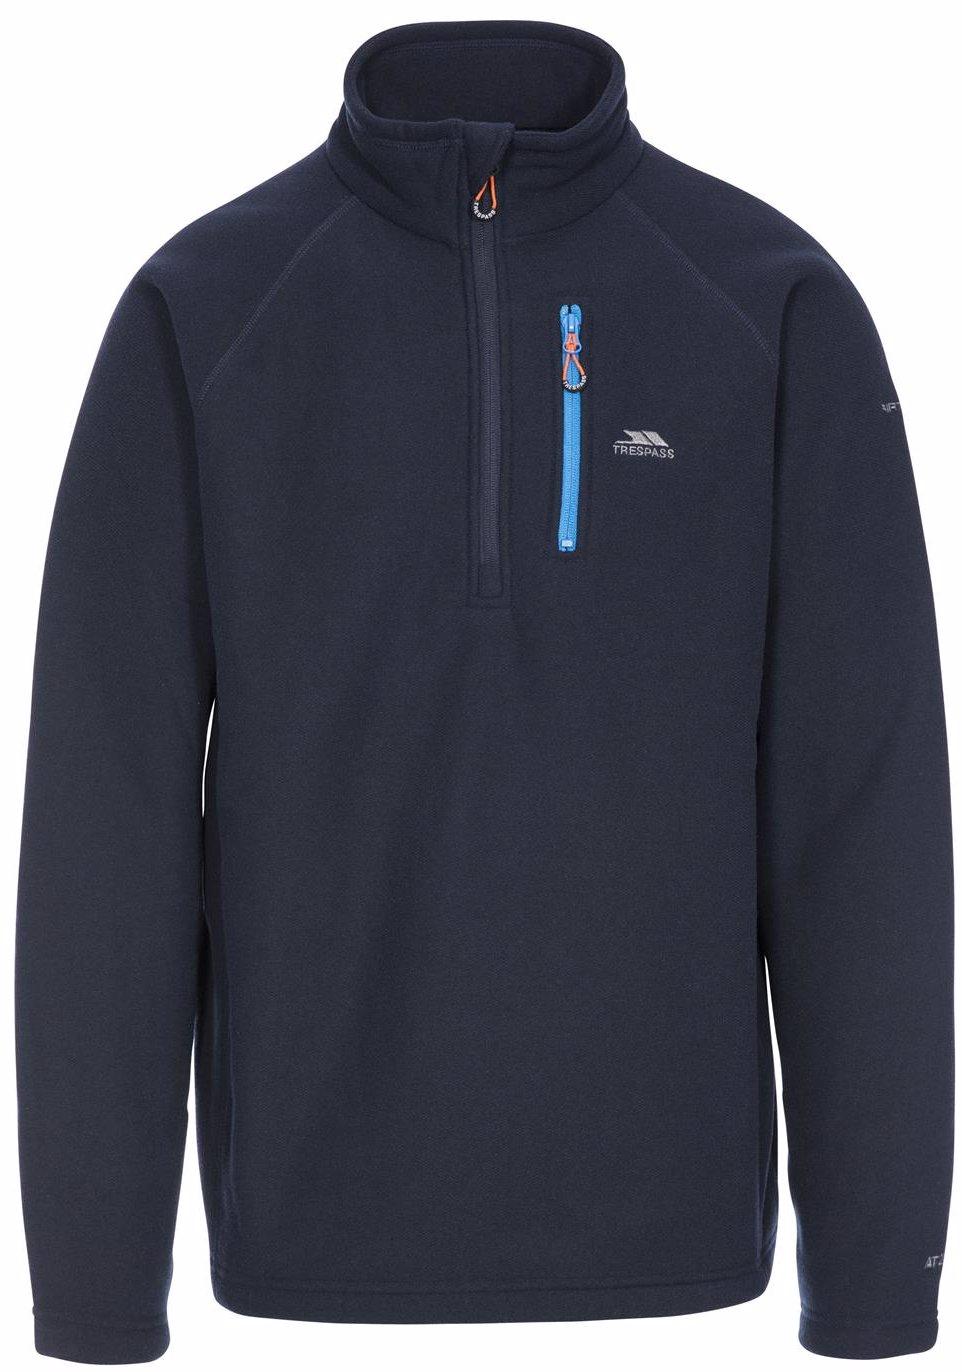 8998620d6 https://www.ozsale.com.au/product/Balenciaga-Carry ...